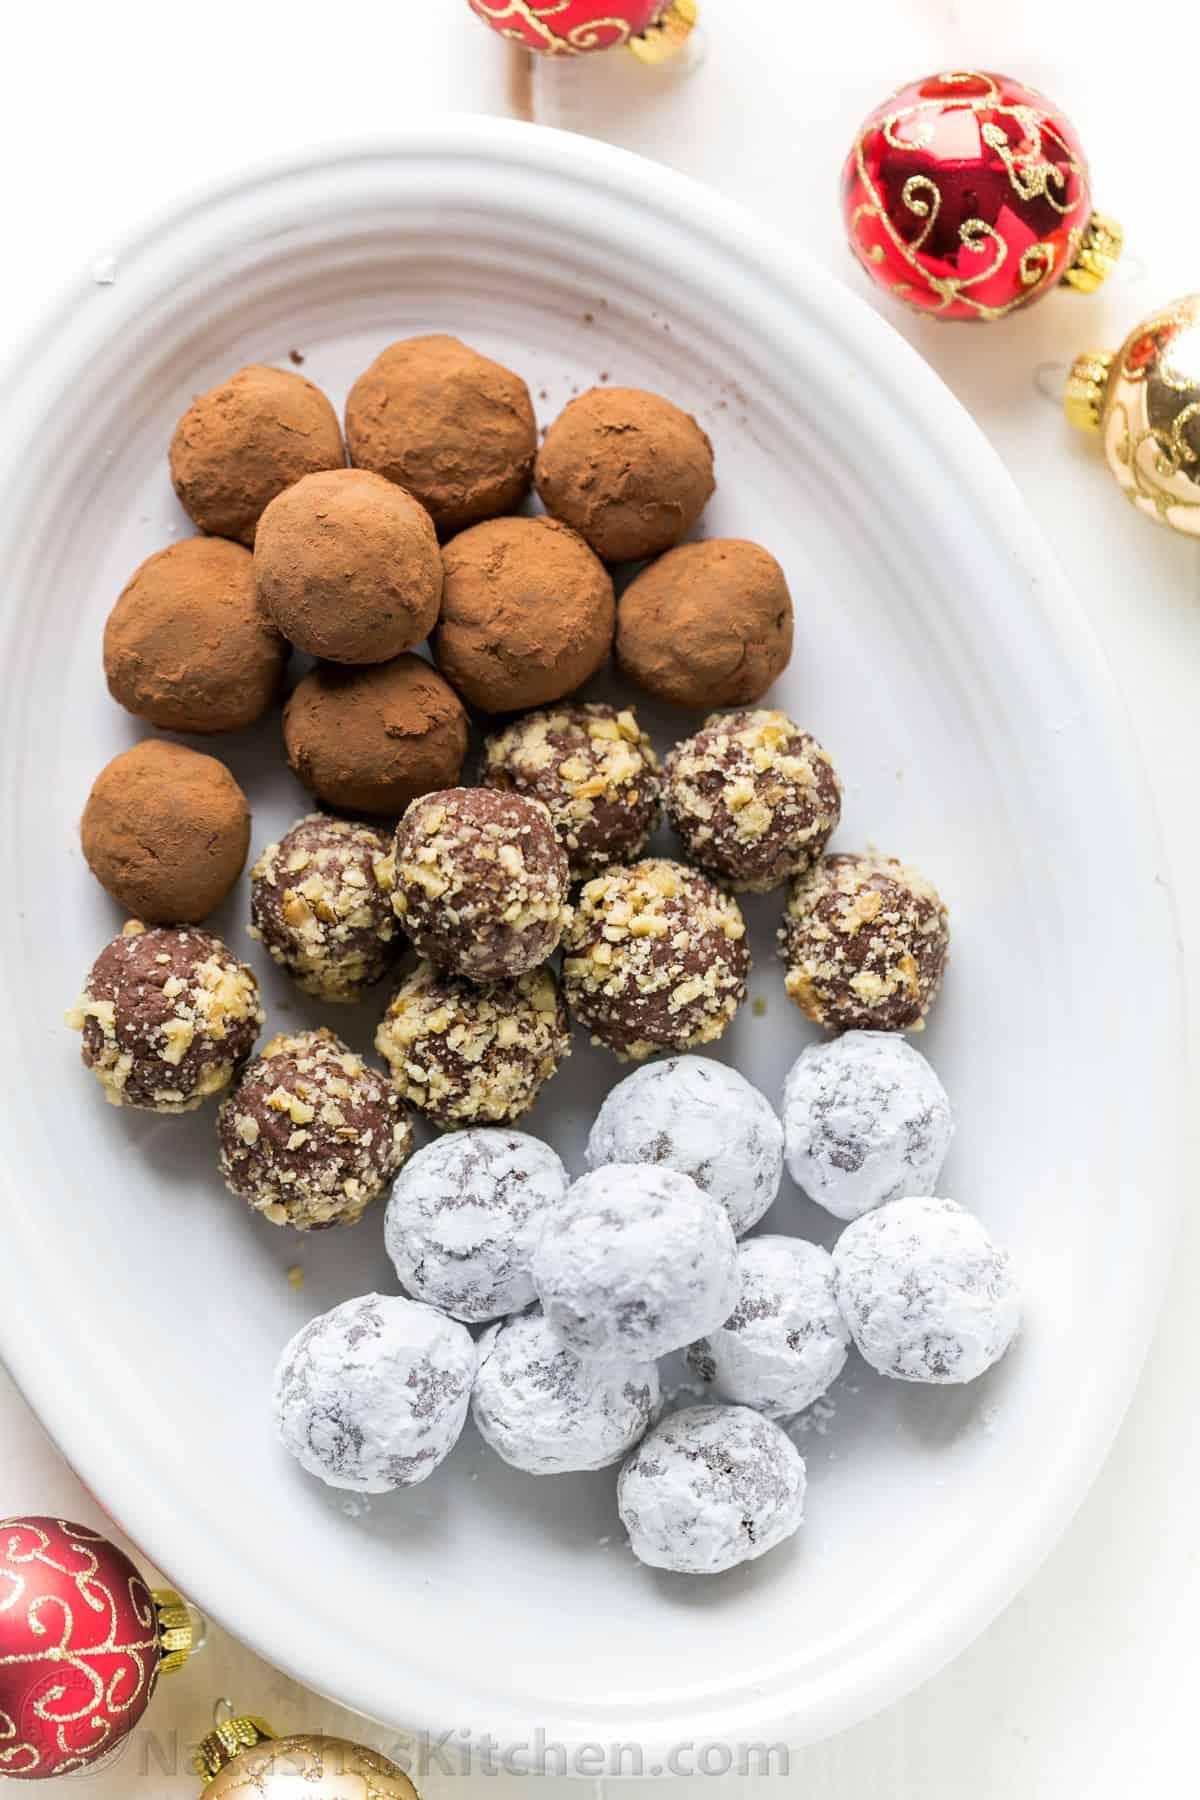 Chocolate Truffles Recipe - NatashasKitchen.com